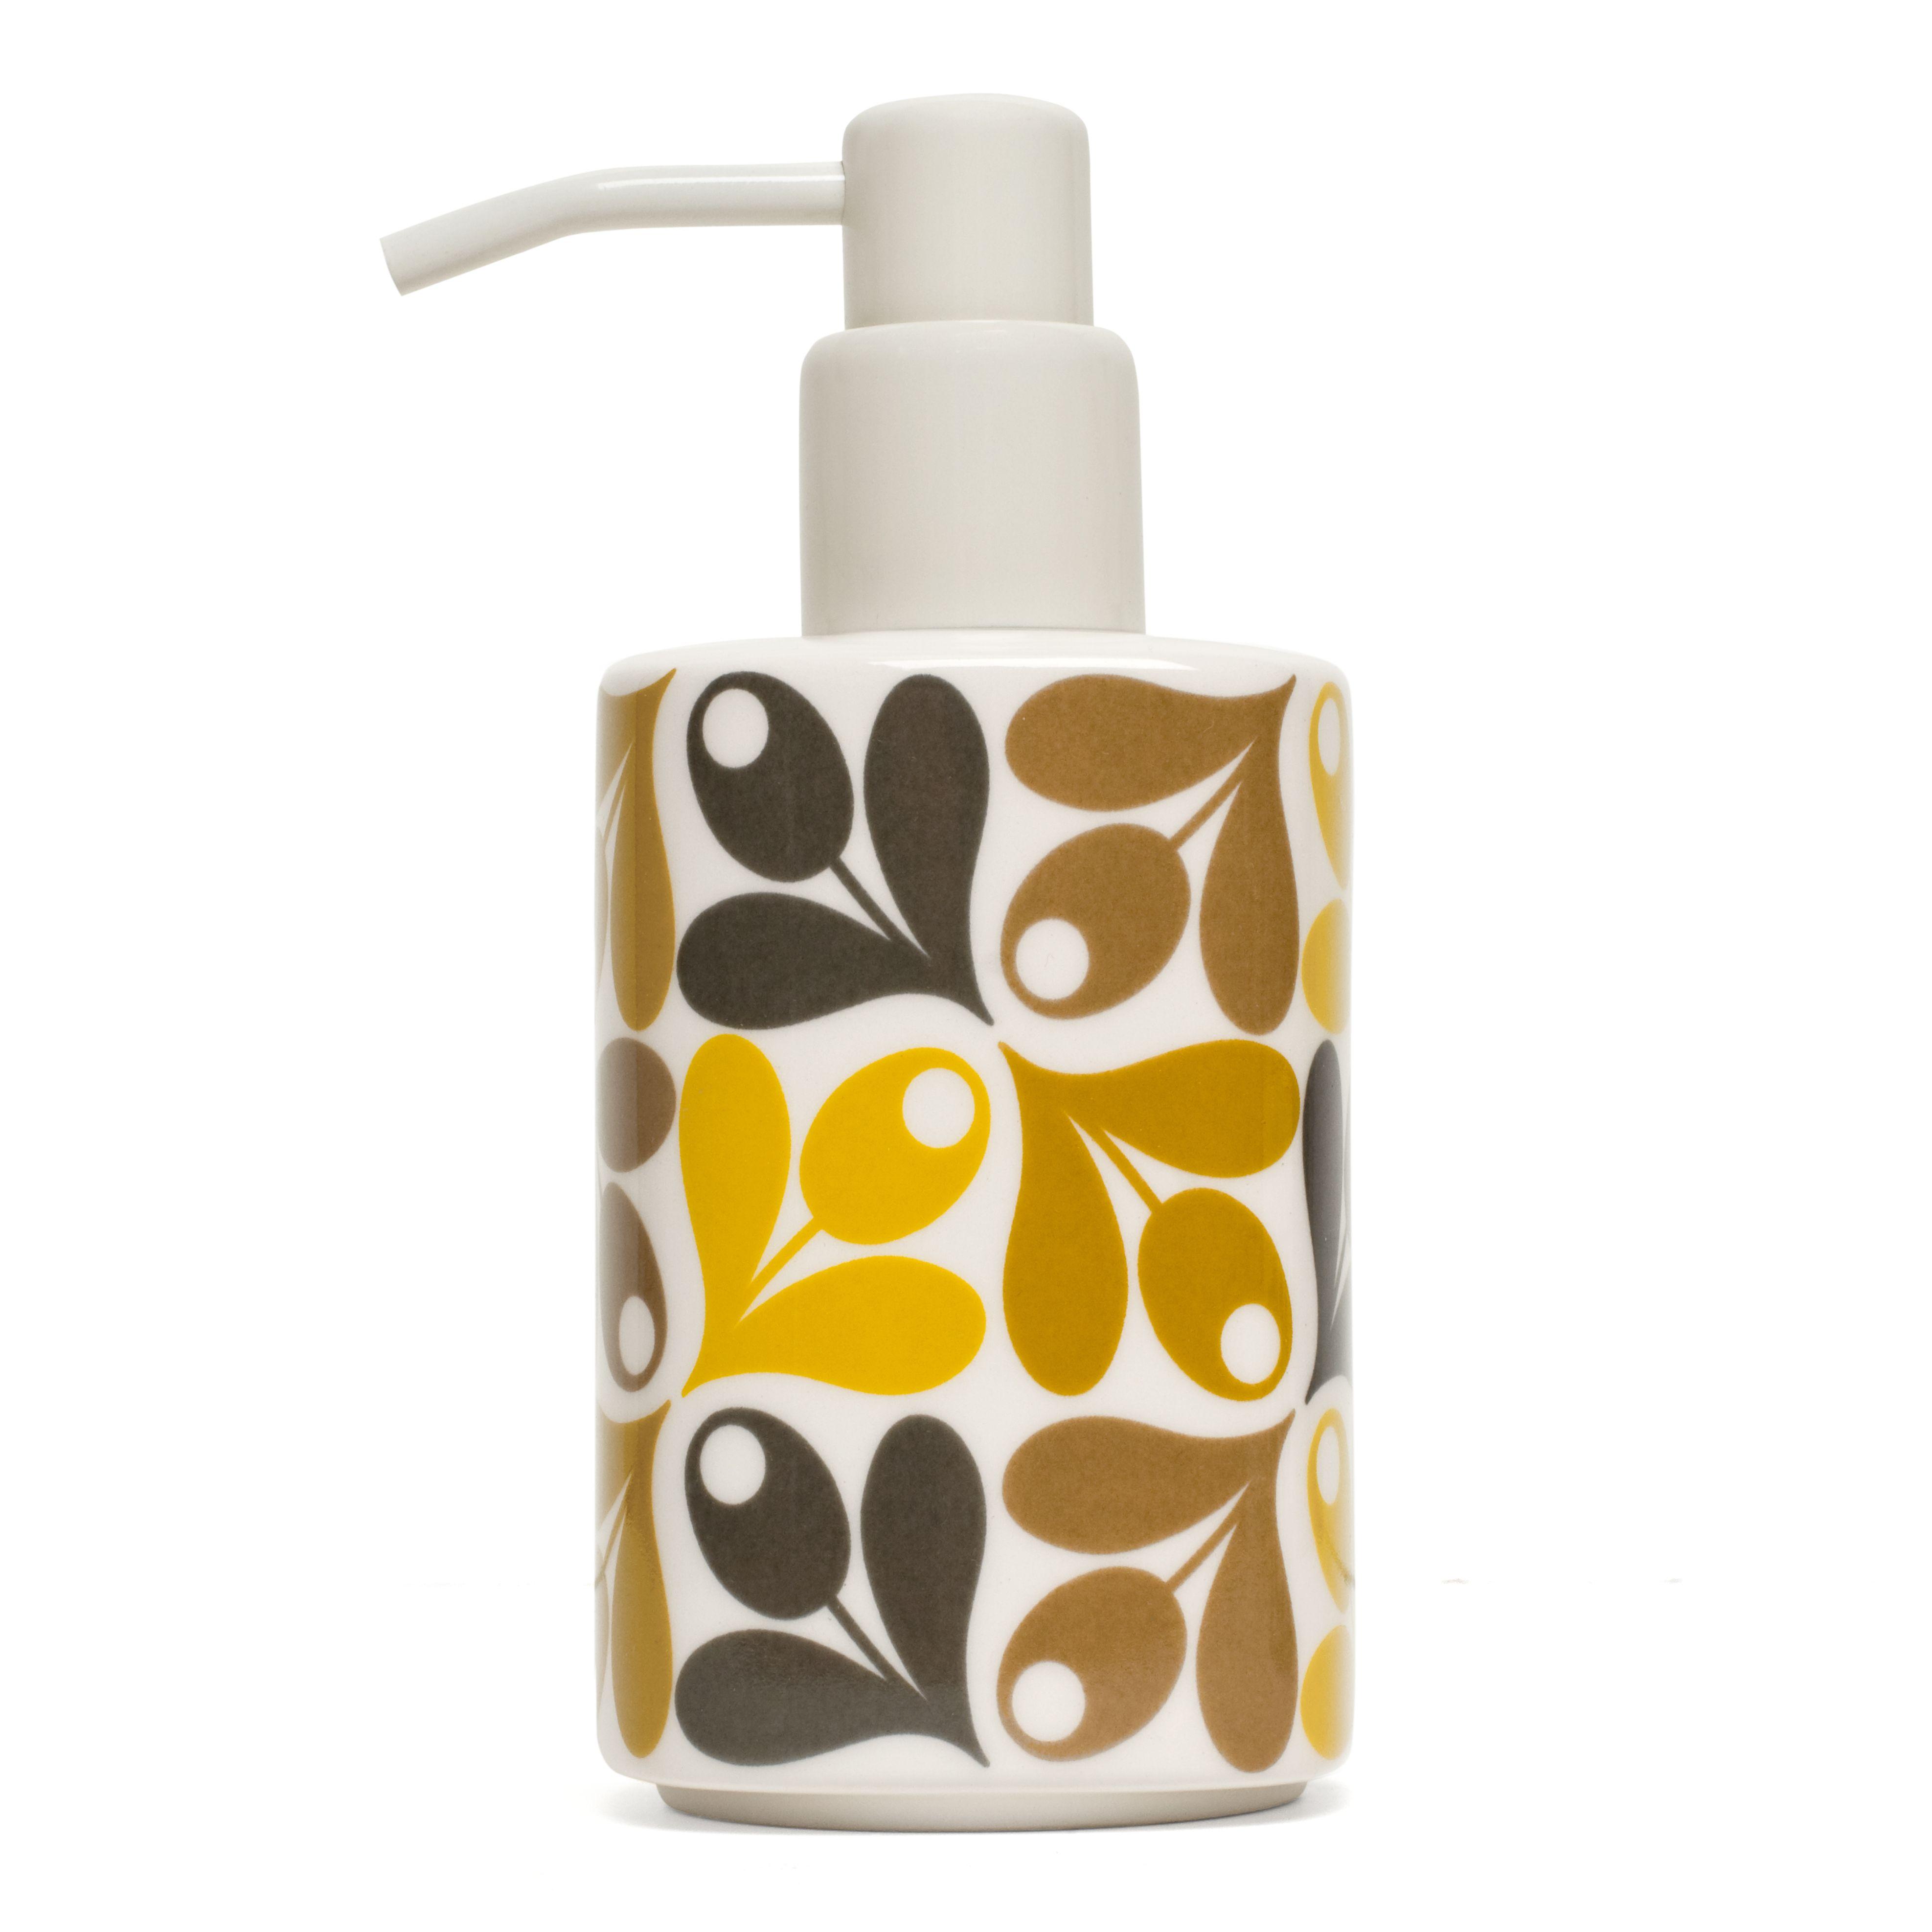 Orla Kiely Soap Dispenser Acorn Cup, Bliss Home | Bathroom ...